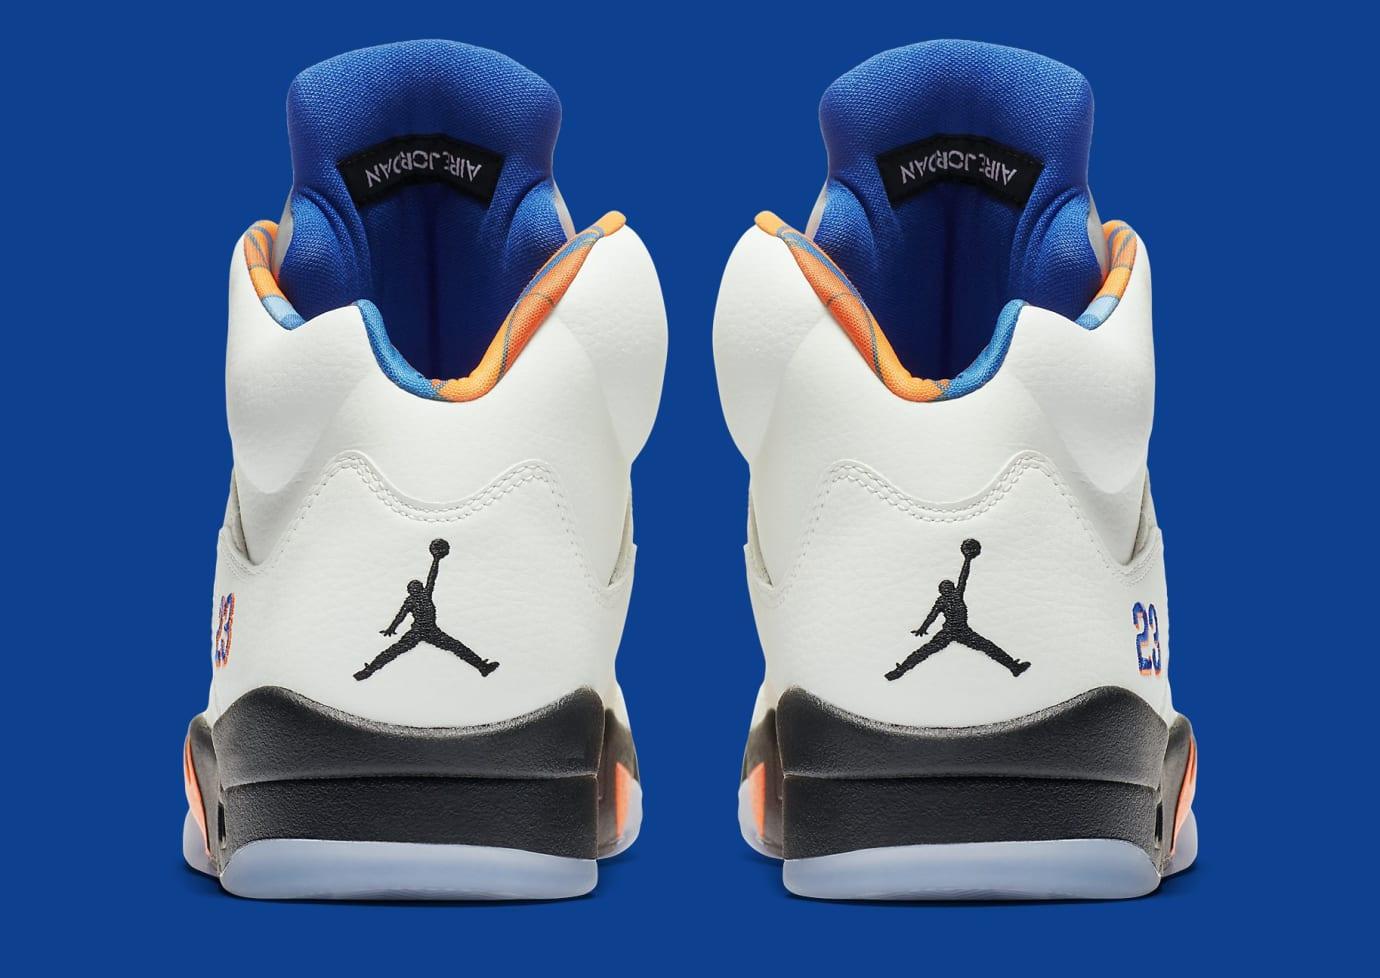 d964aad869c083 Image via Nike air-jordan-5-international-flight-release-date-136027-